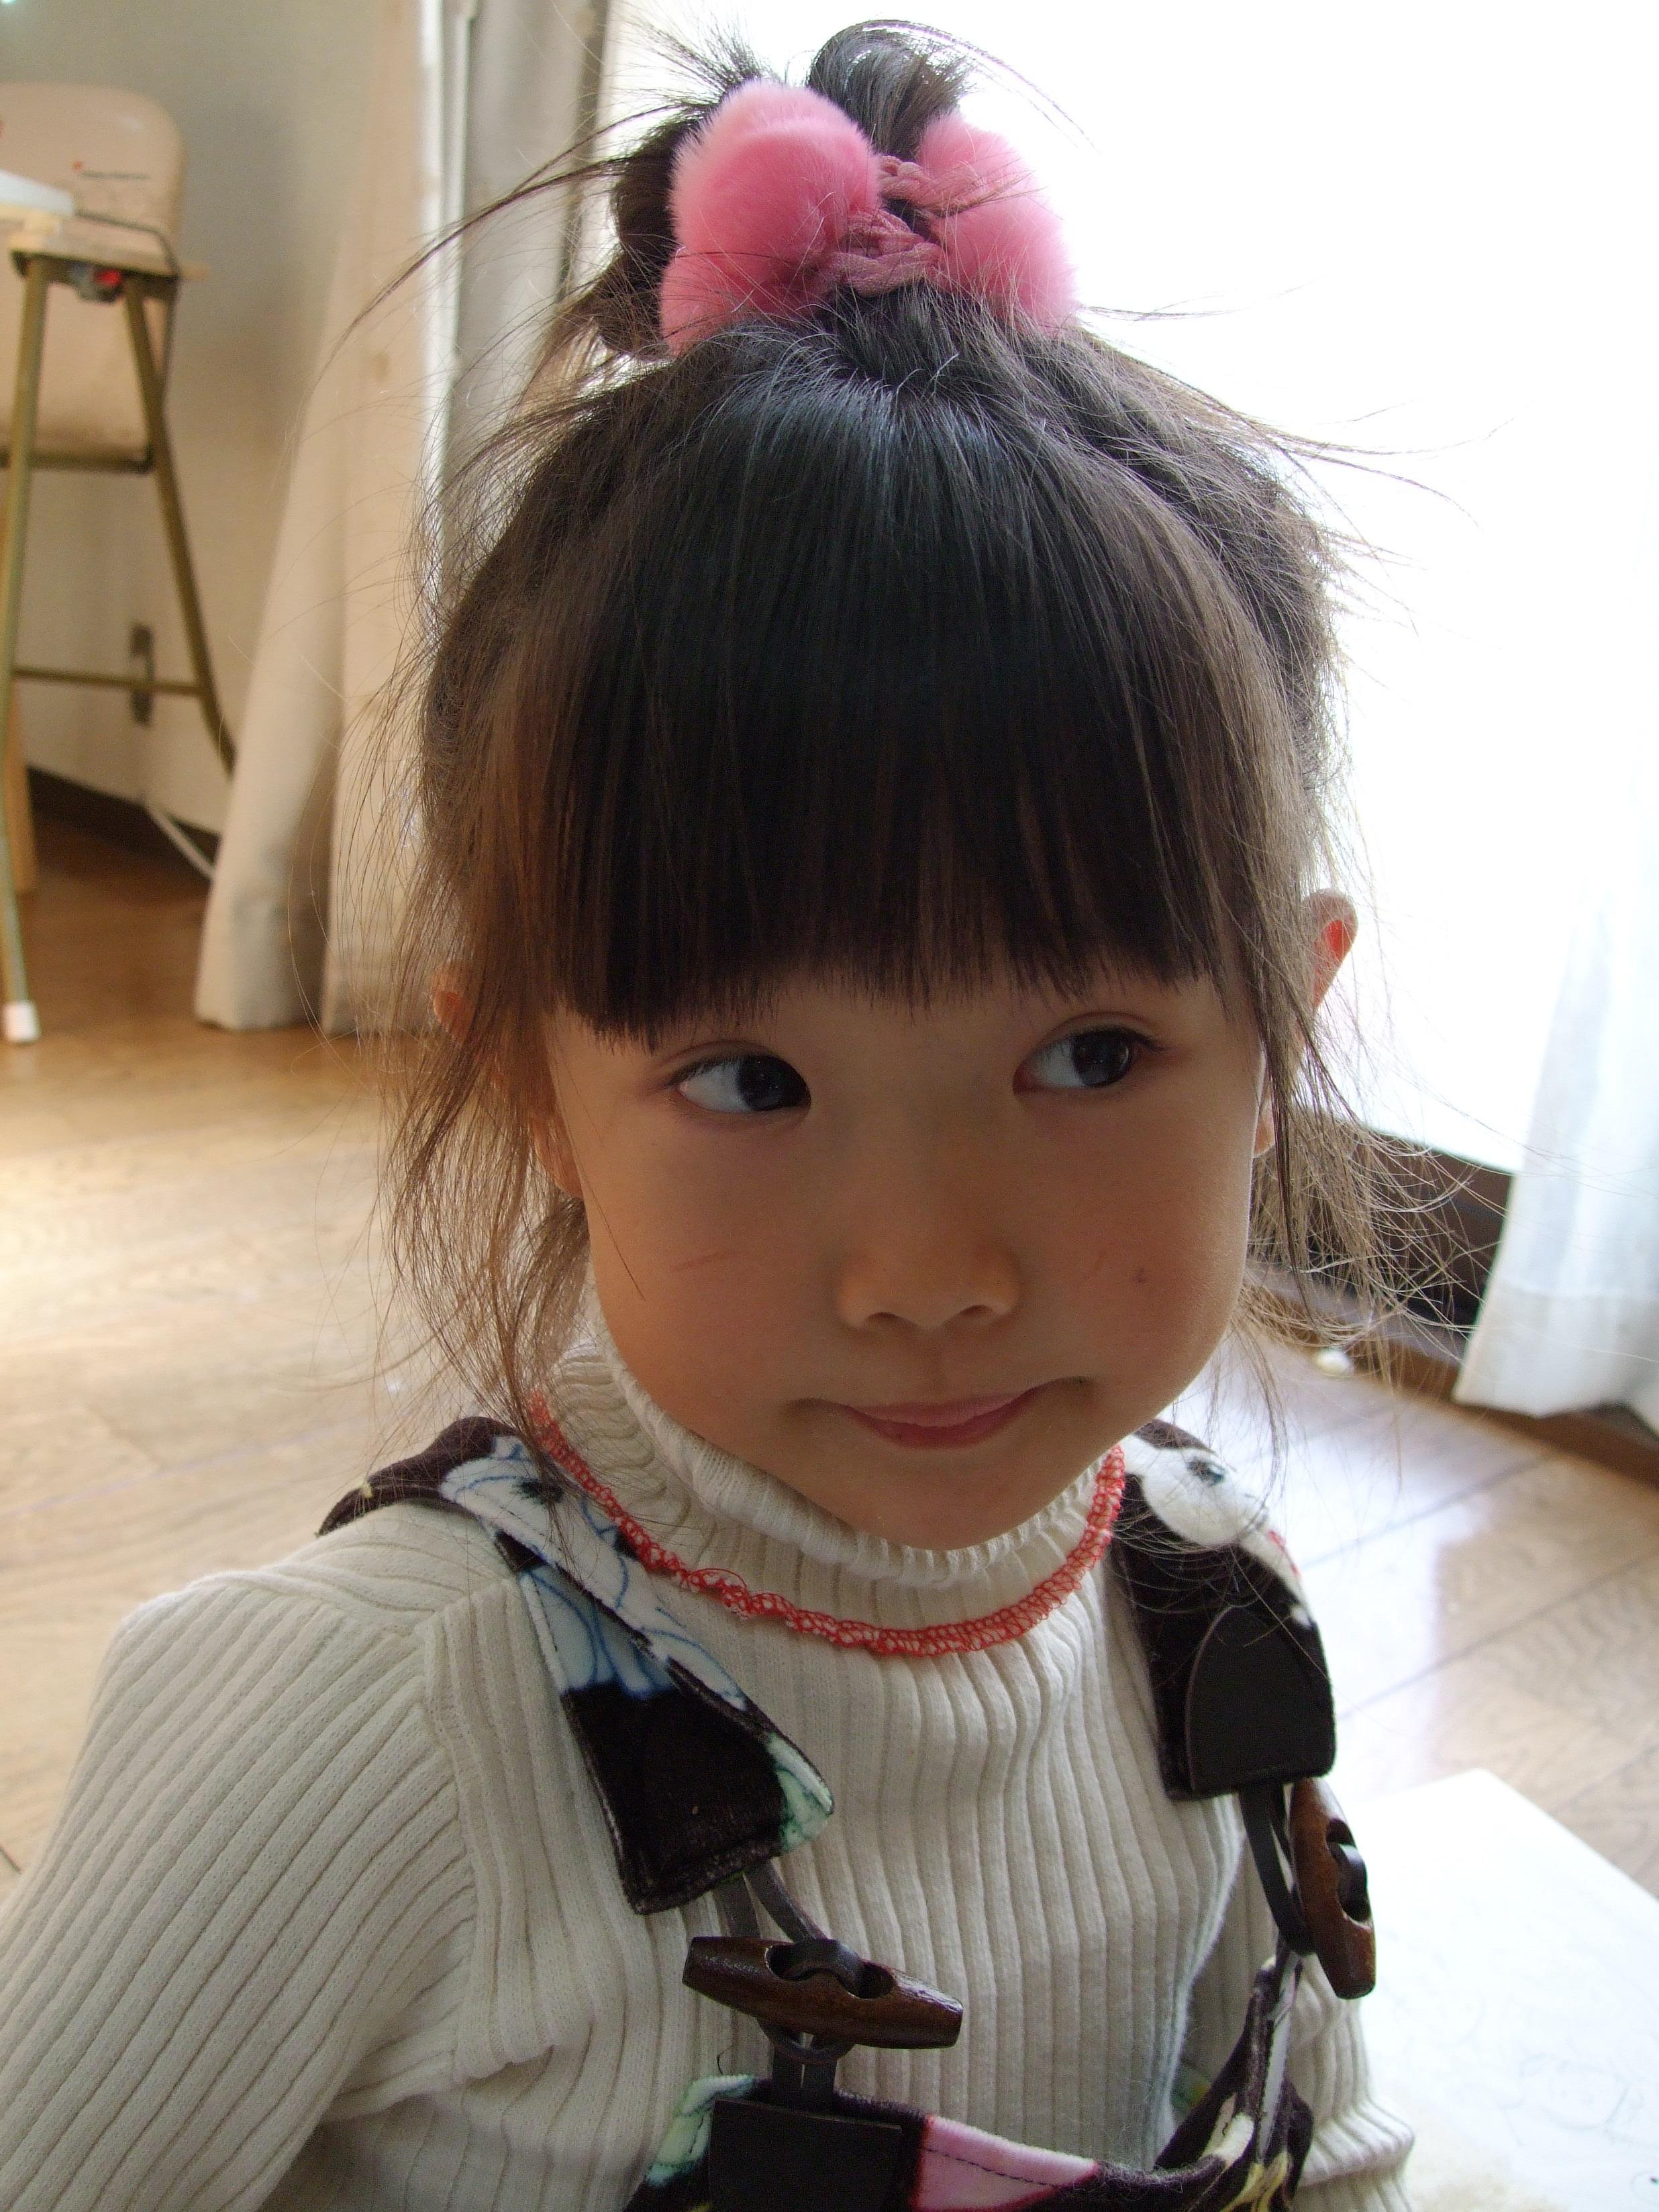 【小中学生】♪美少女らいすっき♪ 385 【天てれ・子役・素人・ボゴOK】 [無断転載禁止]©2ch.netYouTube動画>32本 ->画像>3553枚